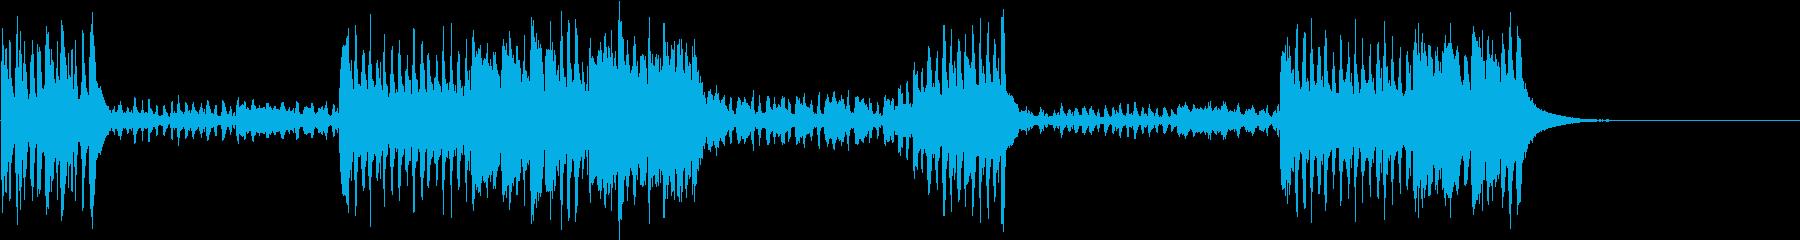 ラデツキー行進曲 クラシック定番曲の再生済みの波形